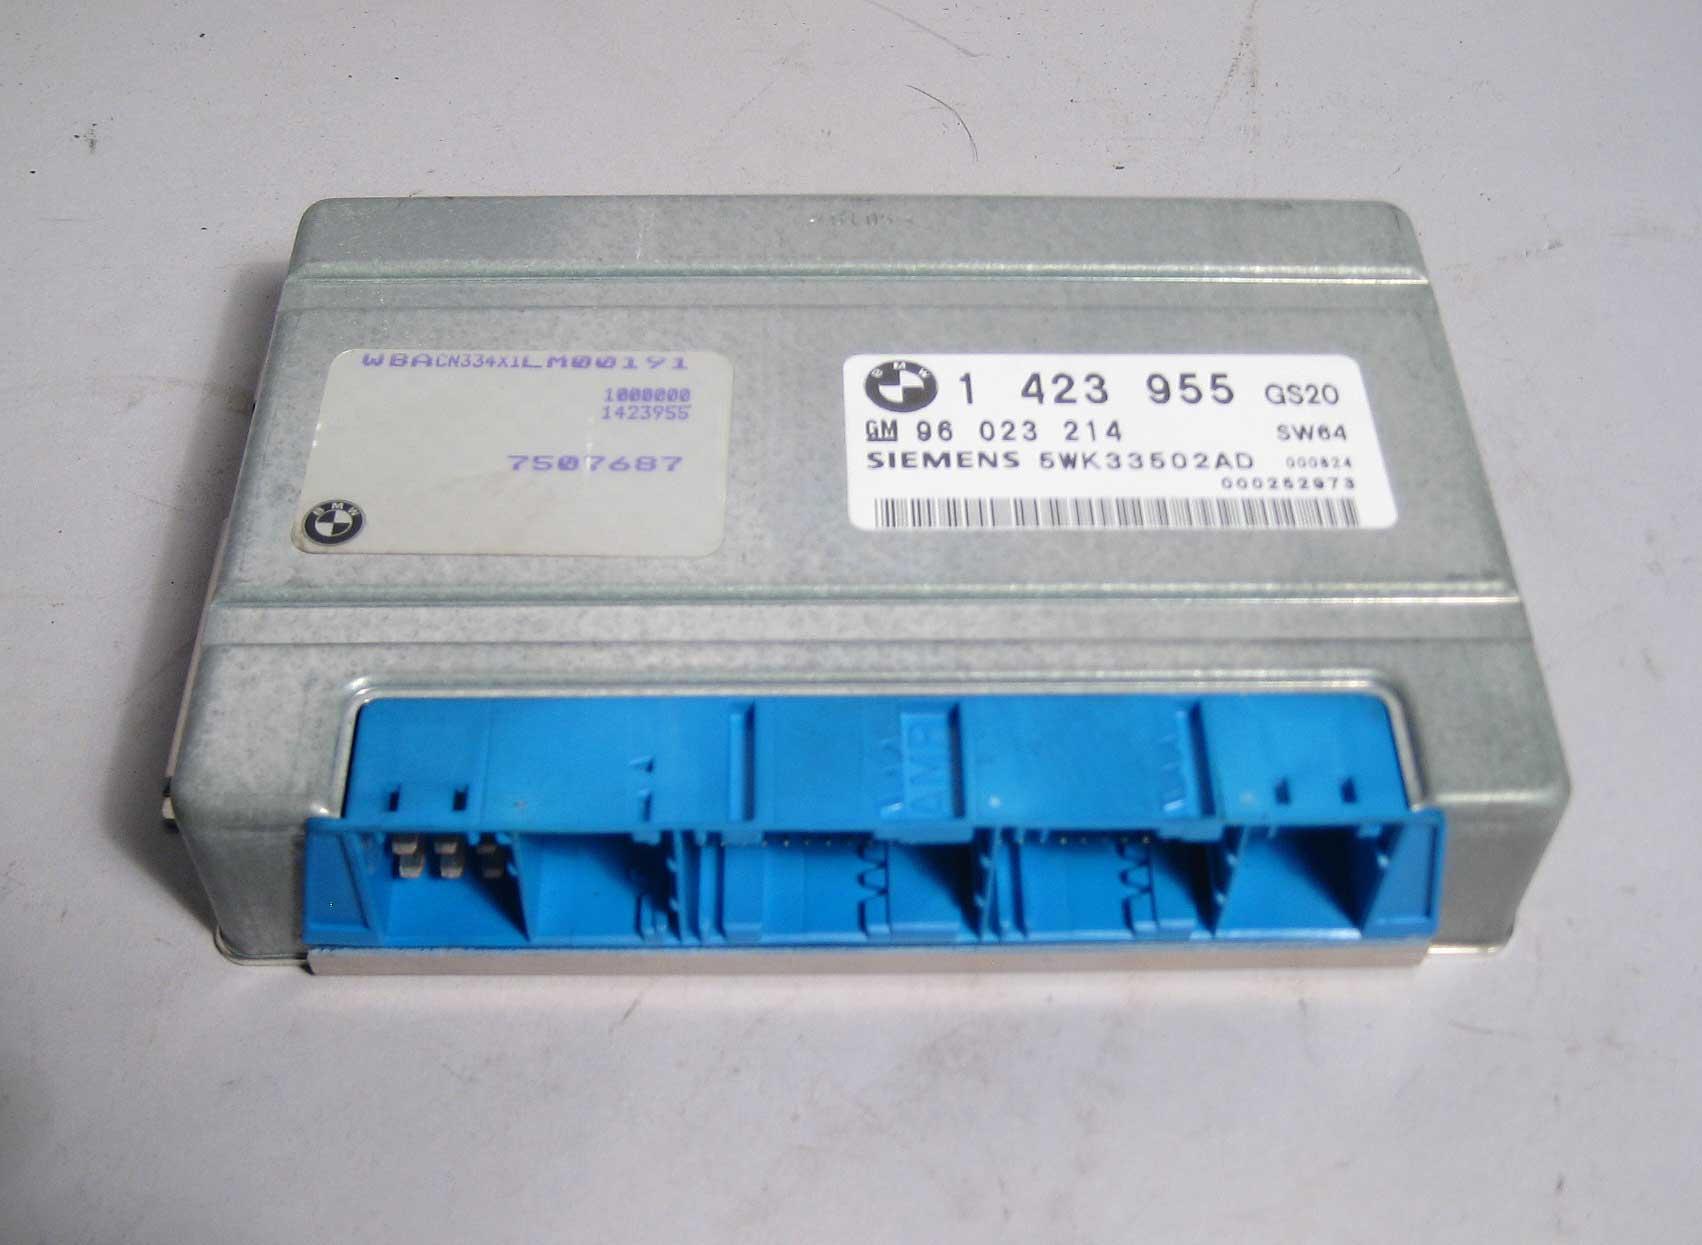 Bmw Z3 Automatic Transmission Control Module Sw64 Gs20